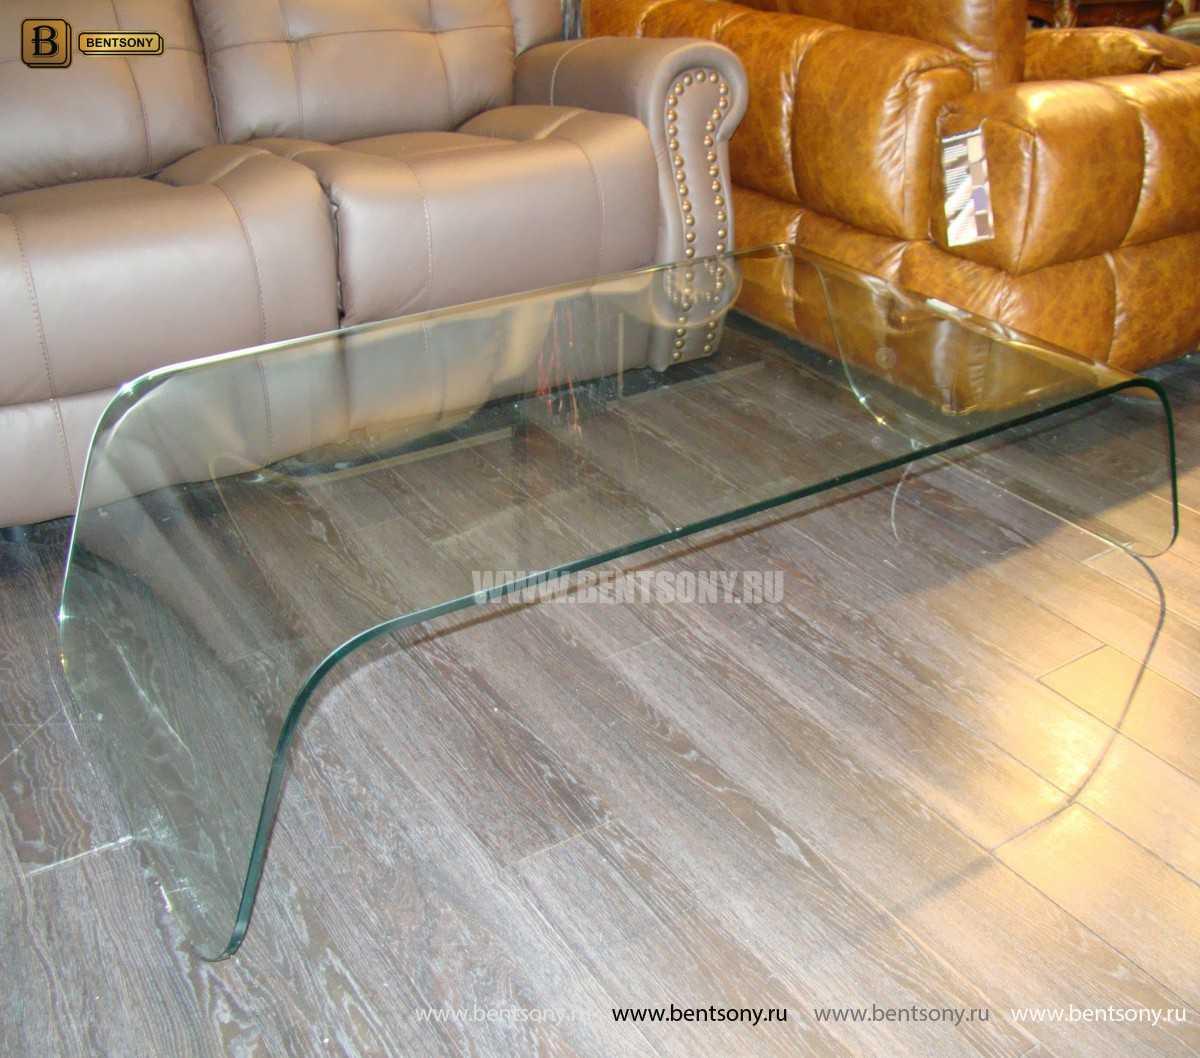 Стол Журнальный (Гнутое прозрачное стекло) для квартиры